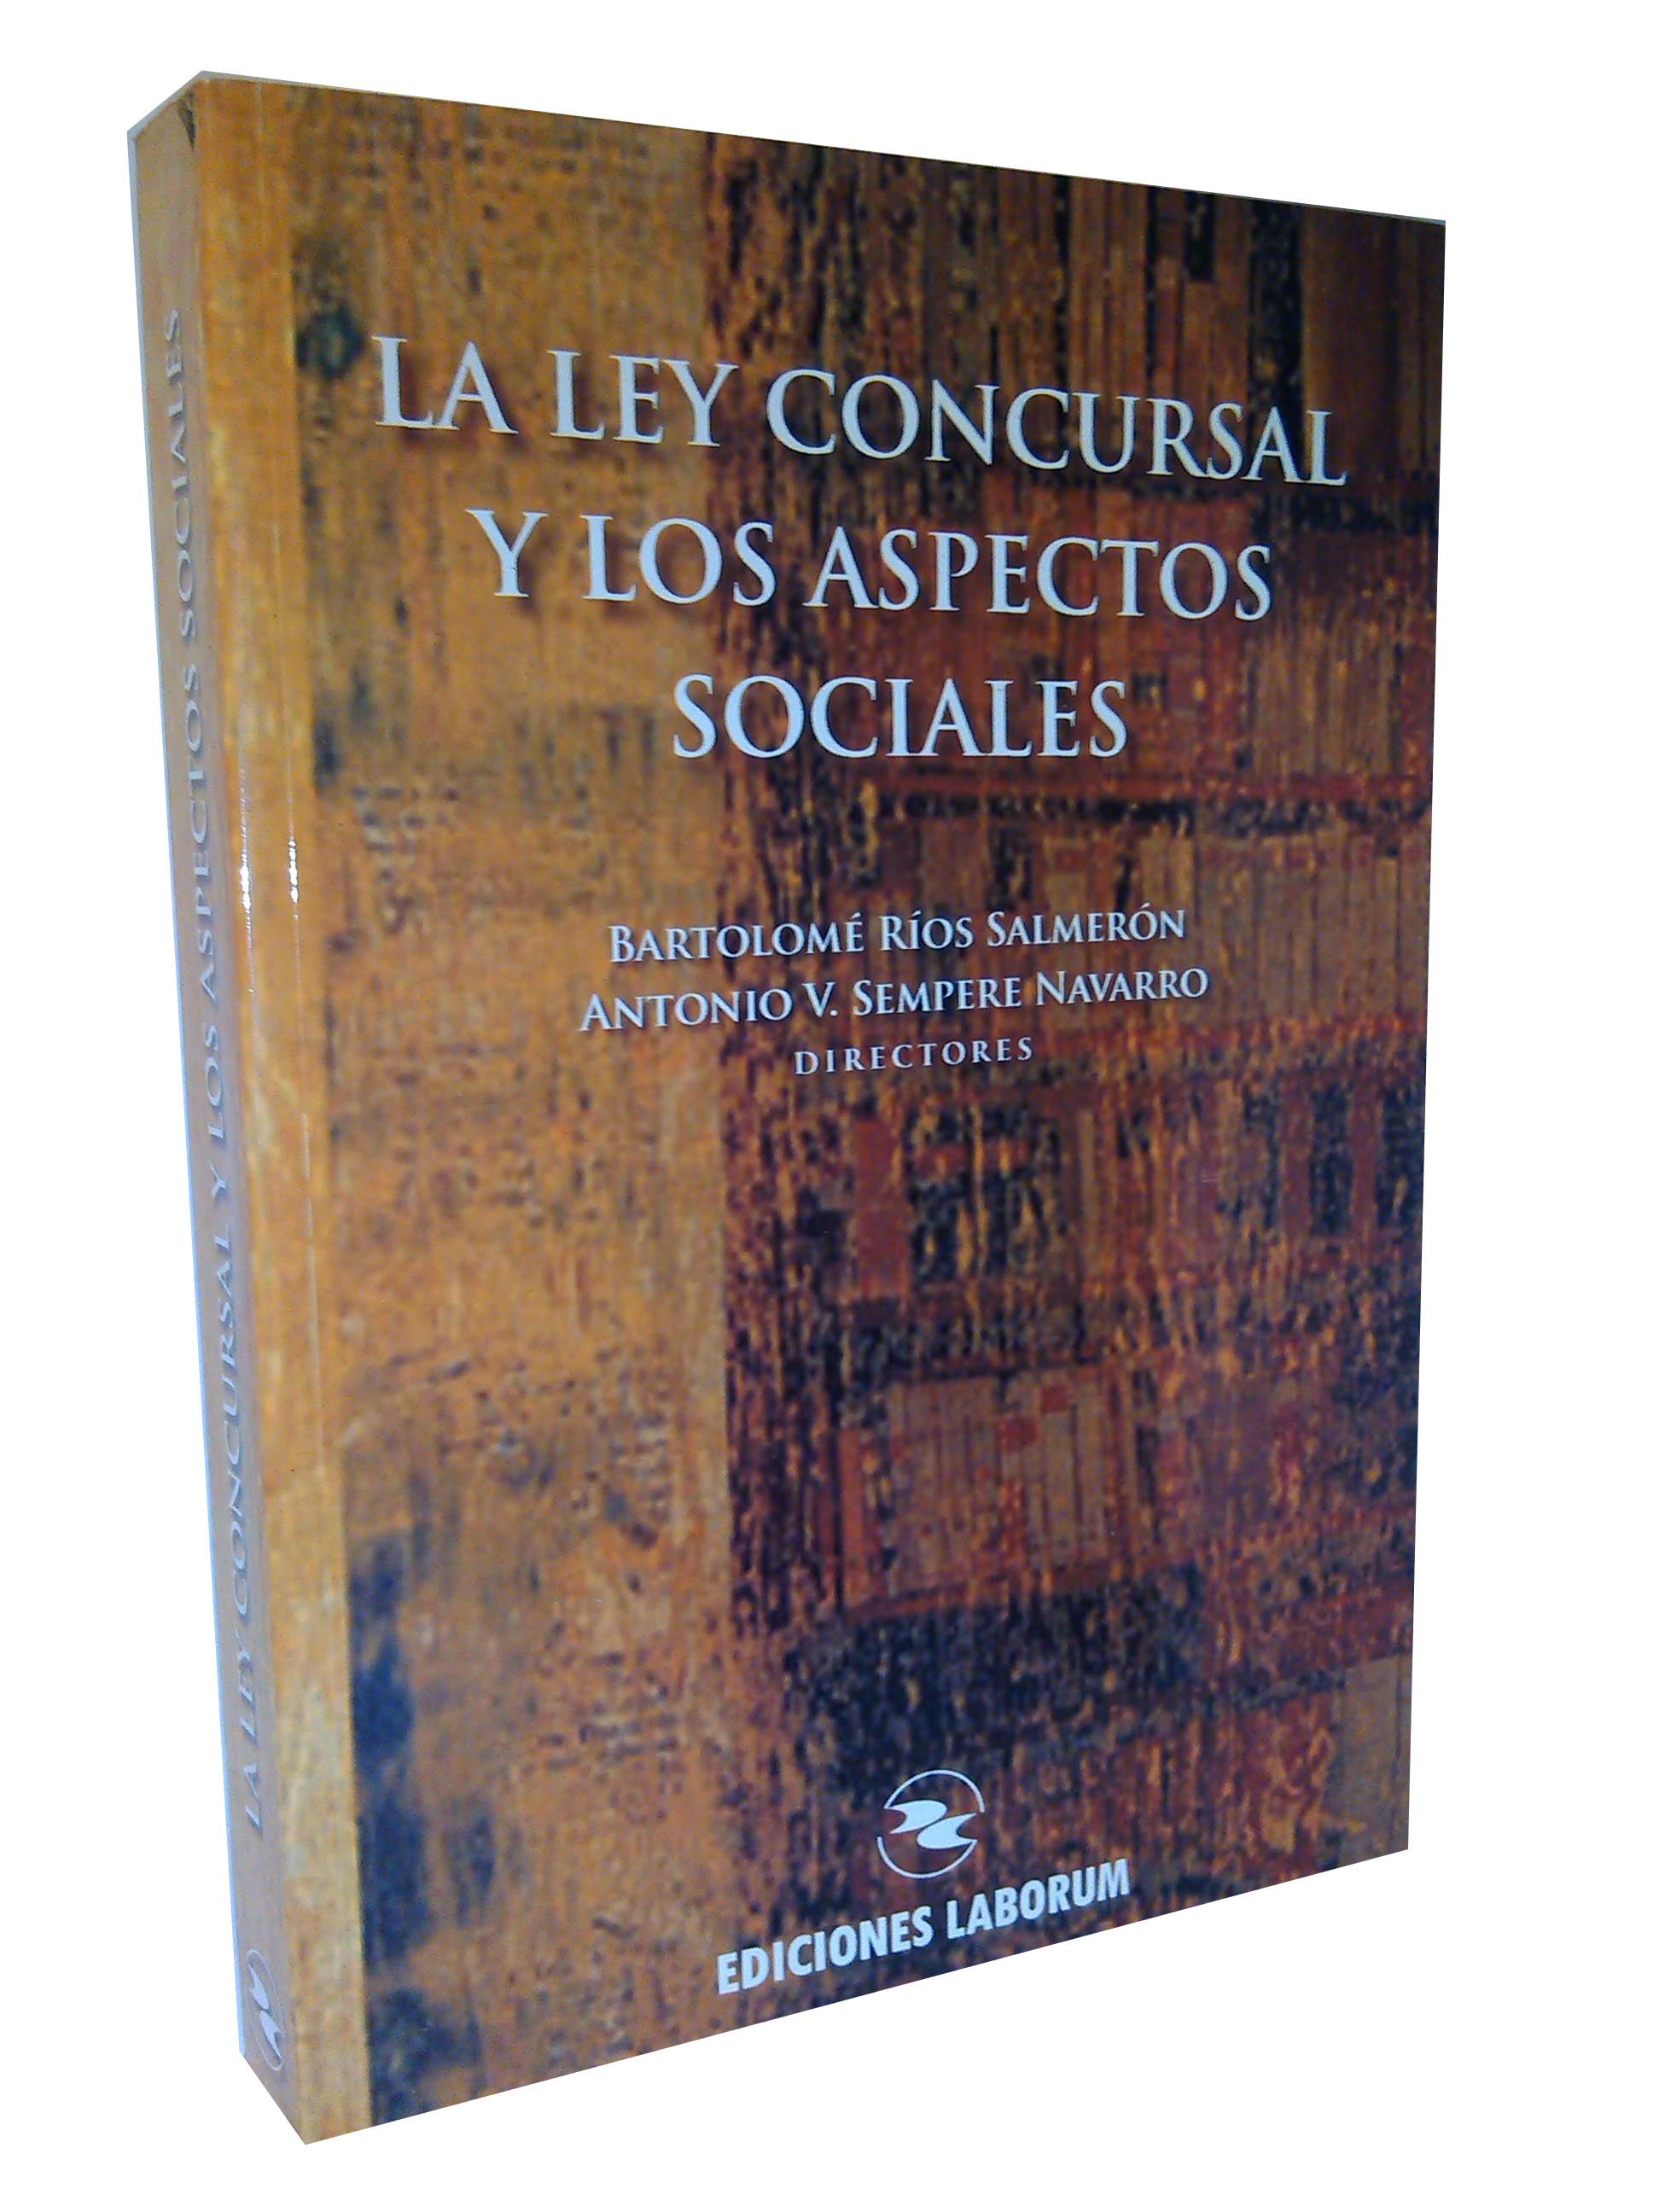 La ley concursal y los aspectos sociales